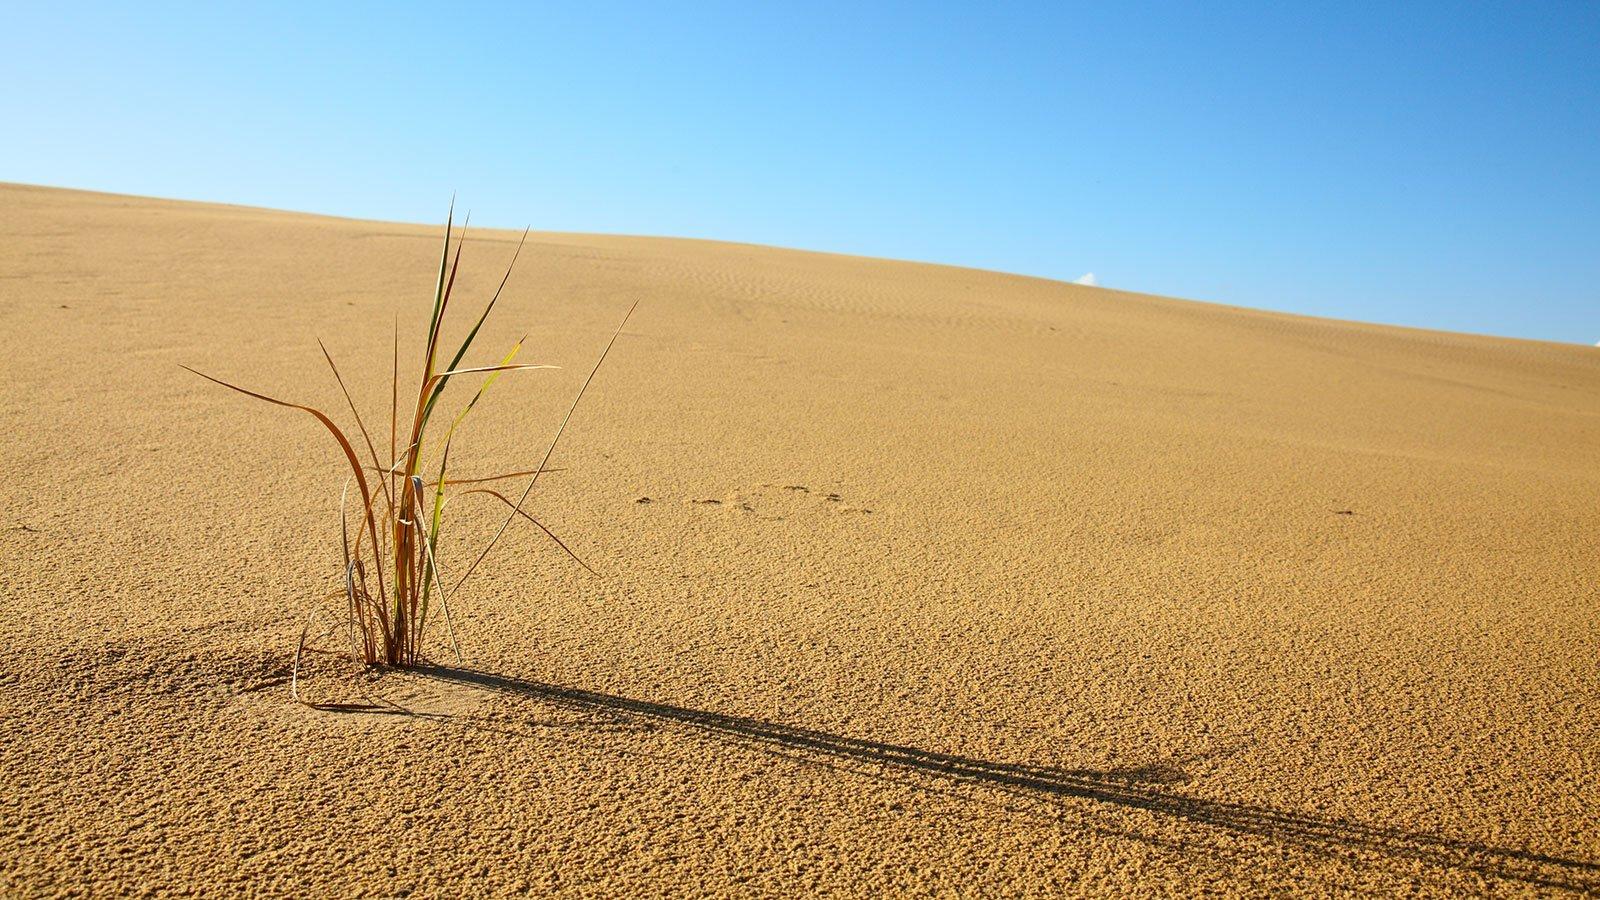 Bliv klogere på klimaforandringer i denne artikel. Foto: Colourbox.